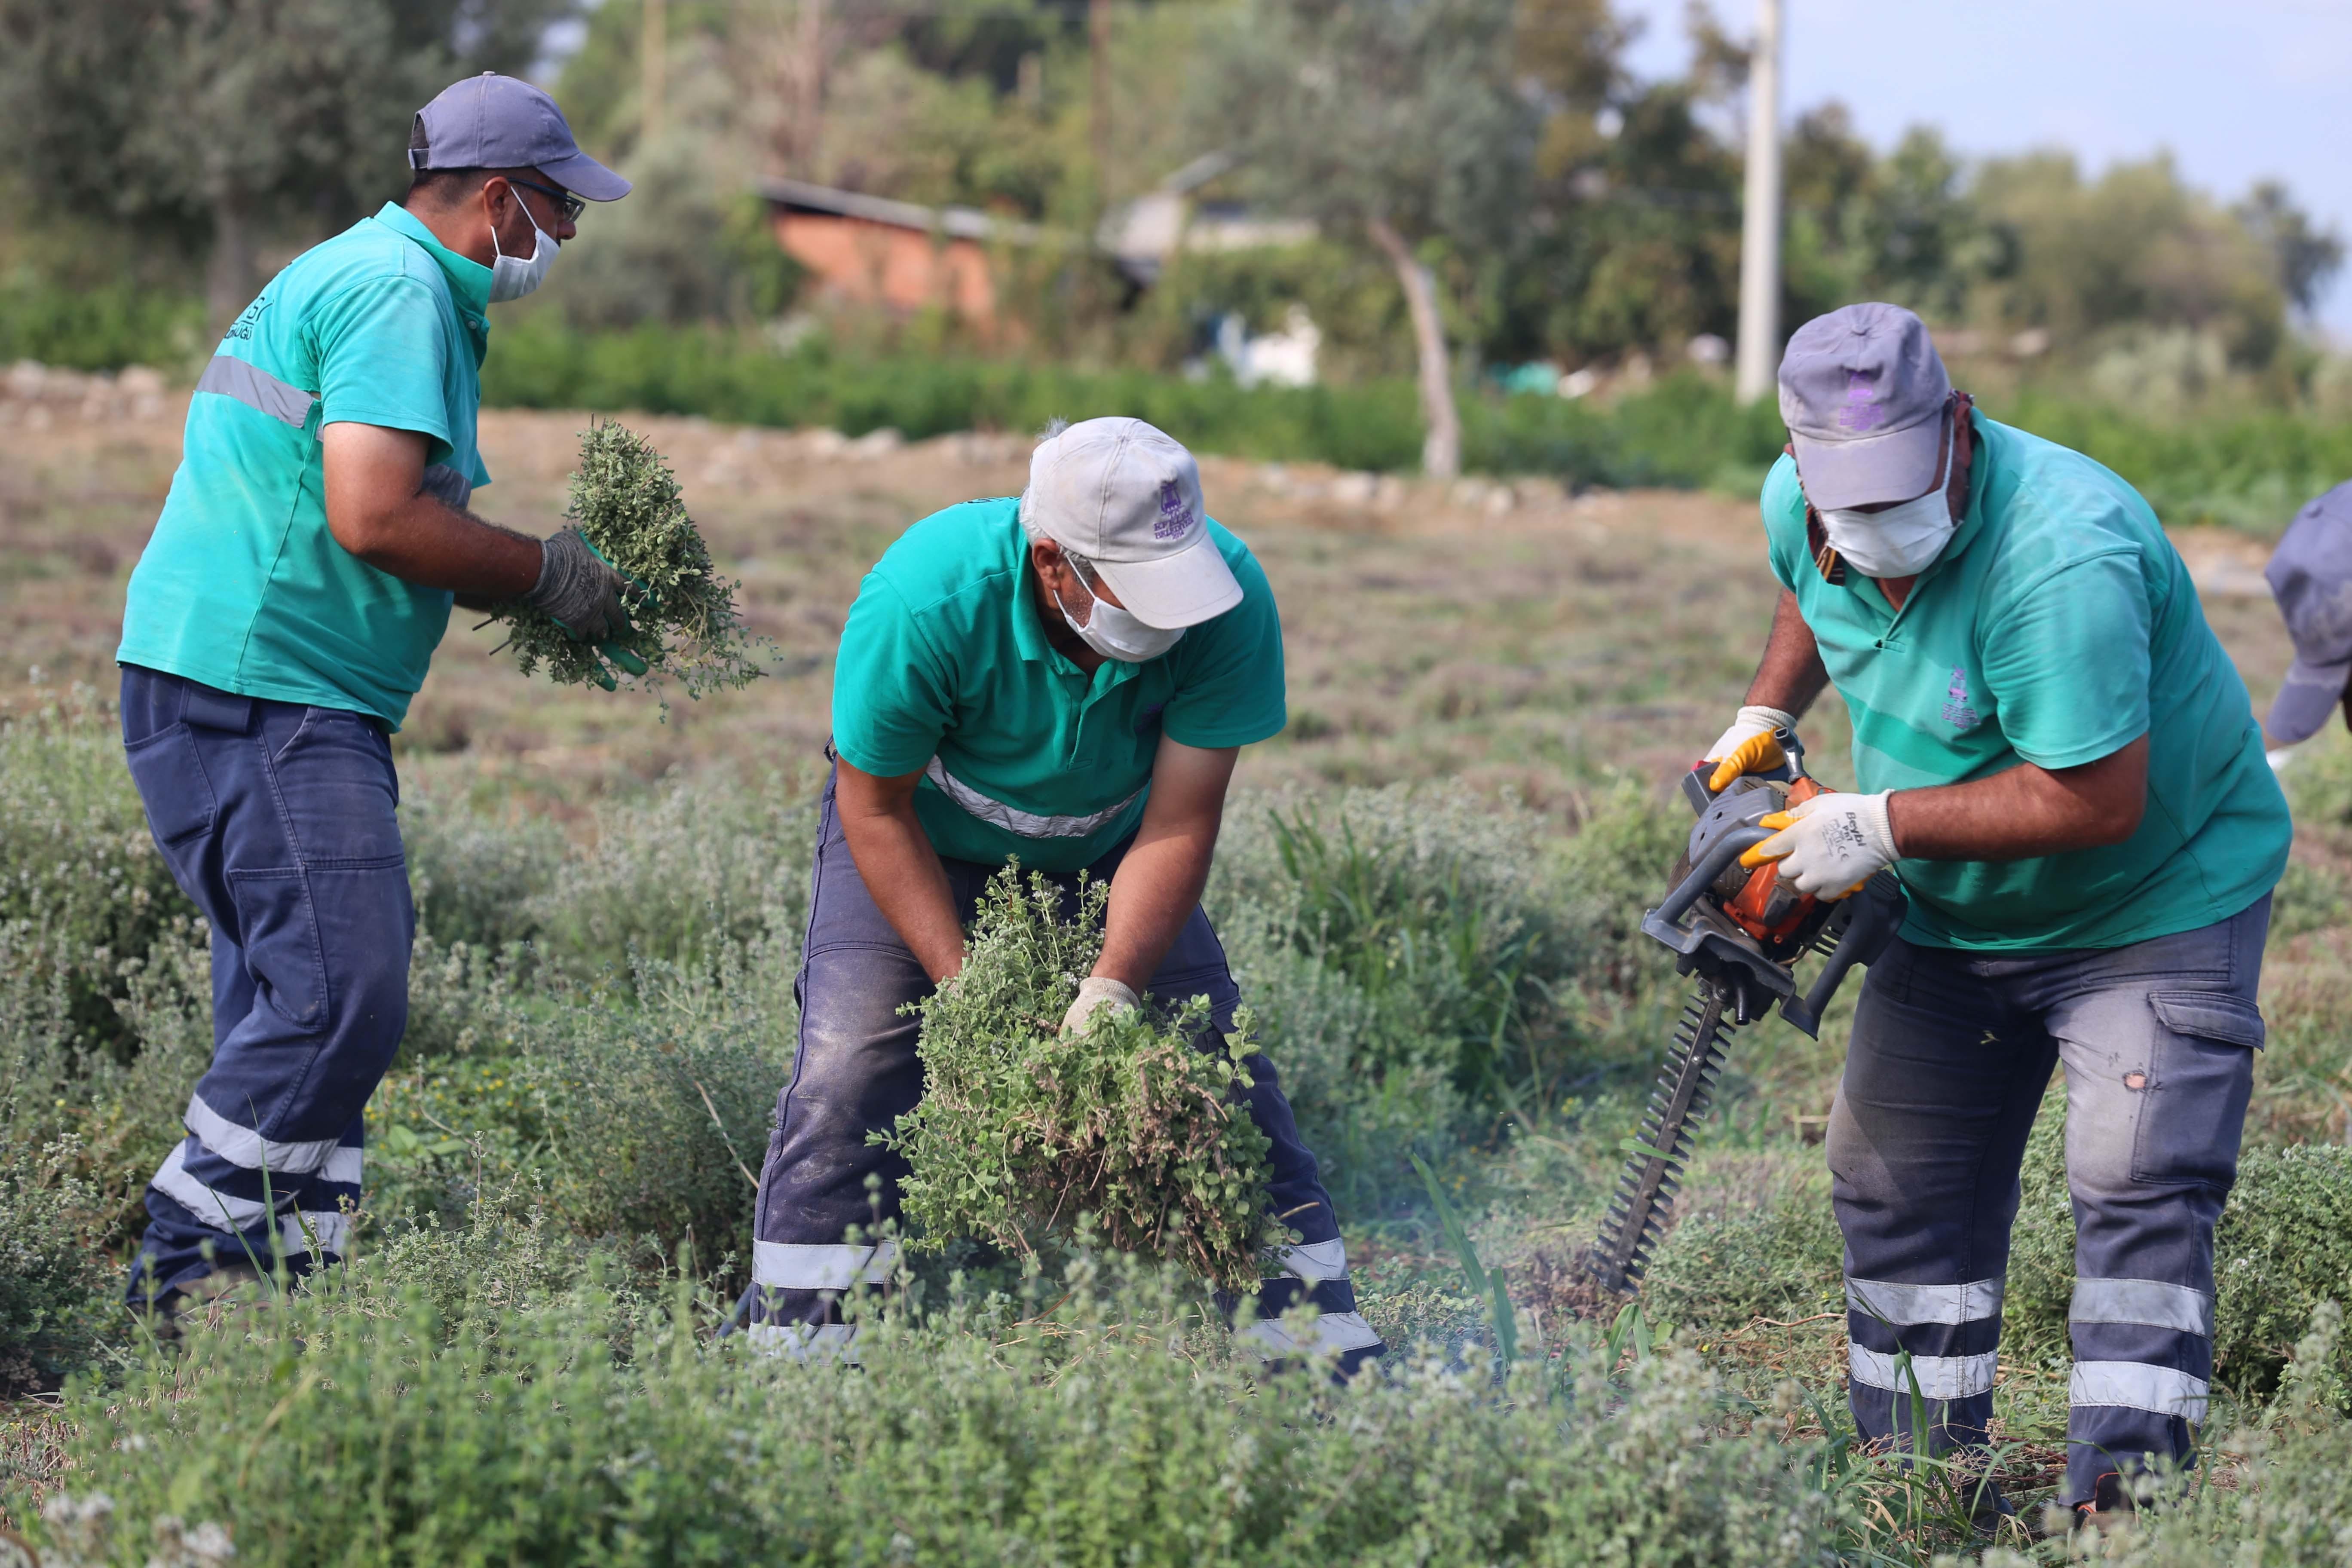 efelerin-sifali-bitkileri-hasat-ediliyor-1-gazete-yenigun-1